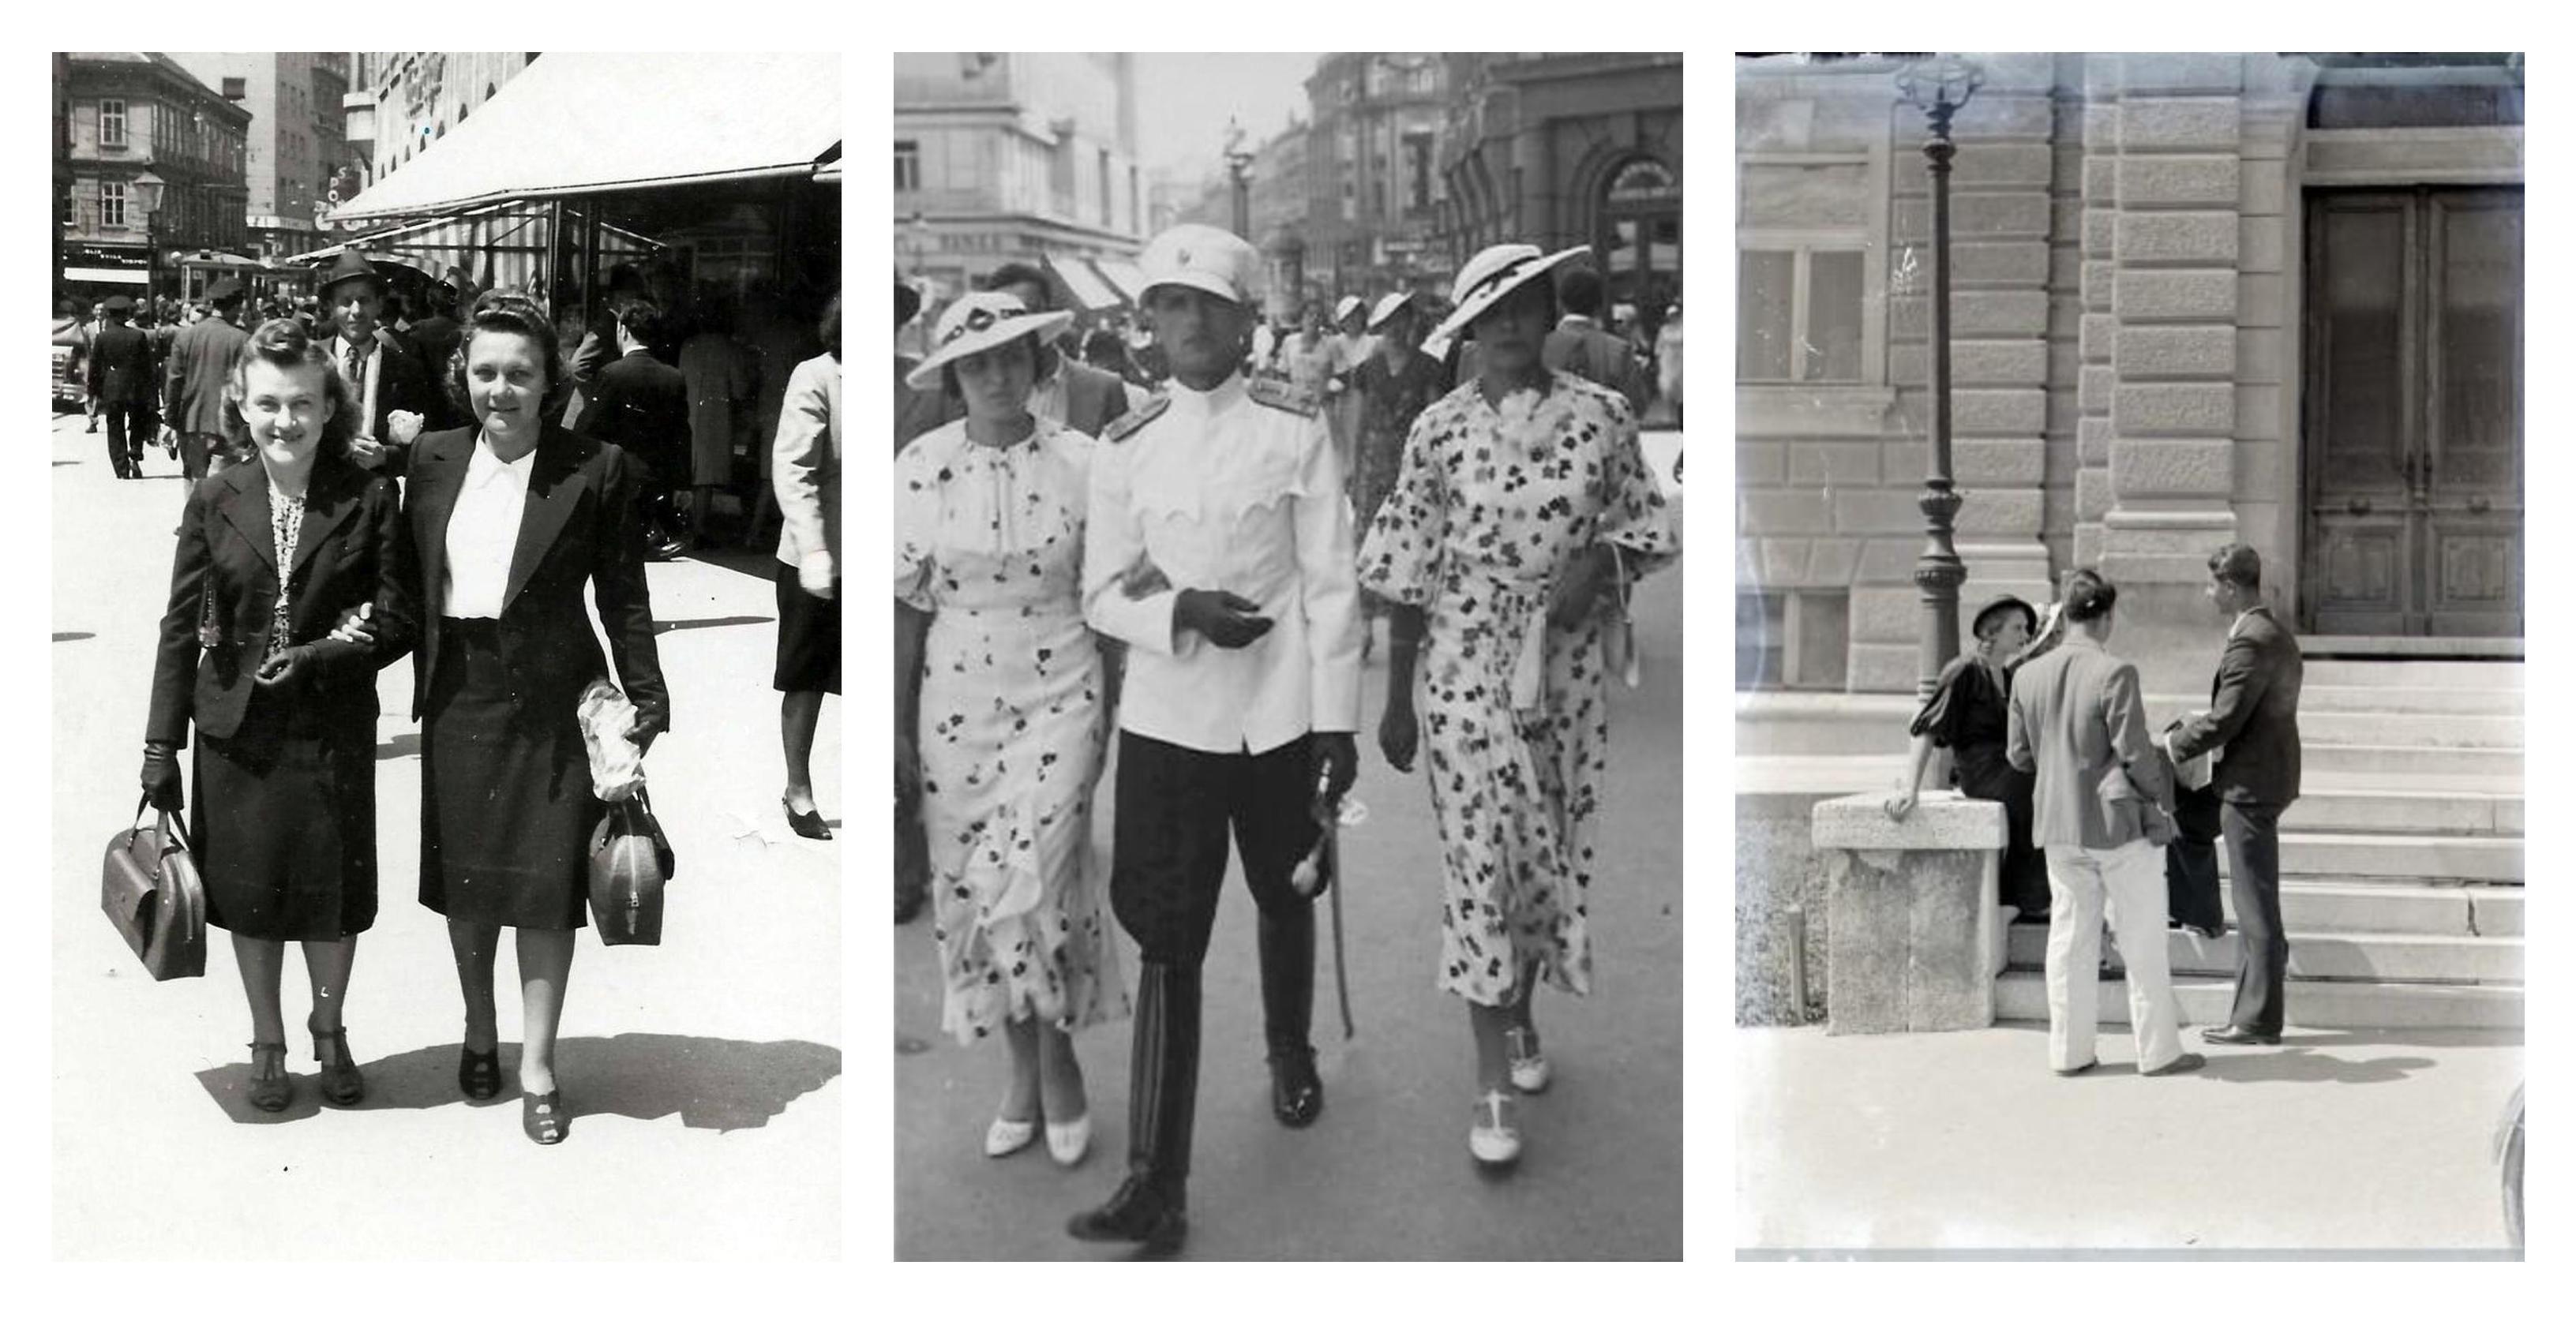 Fotke su nas oduševile: Zagrebački street style iz sredine prošlog stoljeća jednostavno je genijalan!